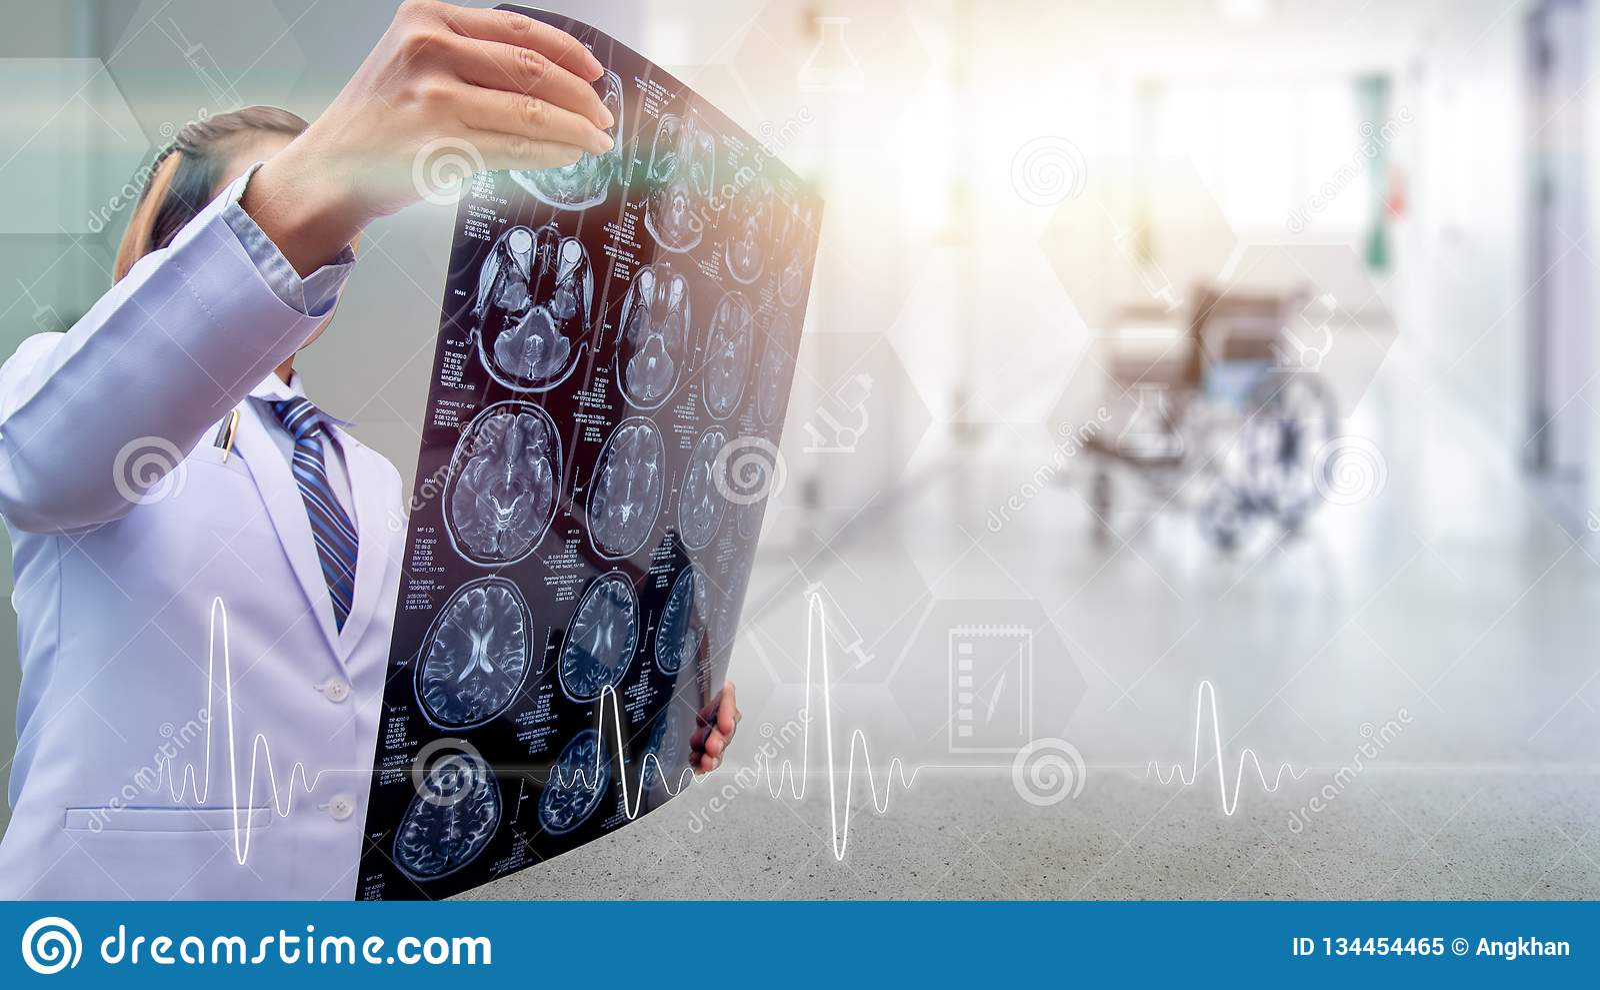 верхняя часть человеческого тела, изображения рентгеновского снимка высоты качественного человеческого внутри